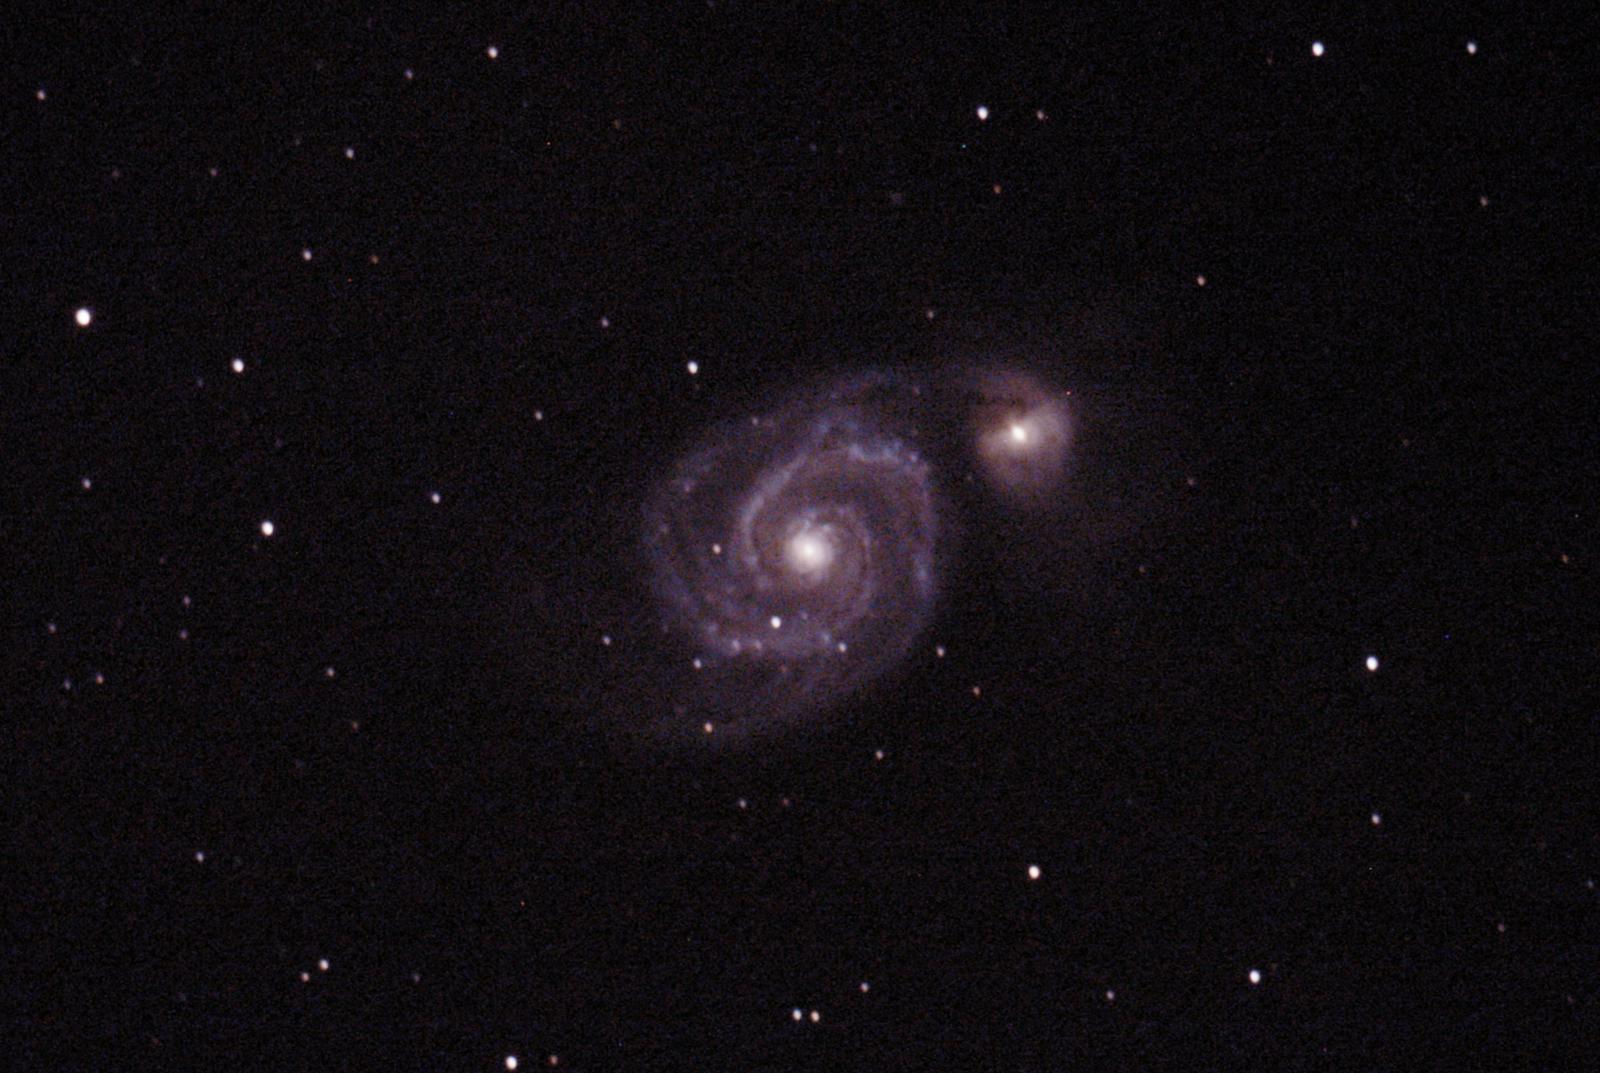 M51 : Galaxie du Tourbillon - à Saint-Martin (32) - 29 juillet 2017 - Skywatcher 200/1000 + Canon 1000D défiltré - 3 photo 180sec ISO1600 + 3 photos 120 sec ISO800 Ouverture 5 (donnée par le téléscope) + (3 Darks 120sec ISO800) + (2 offsets 1/4000 ISO 800)